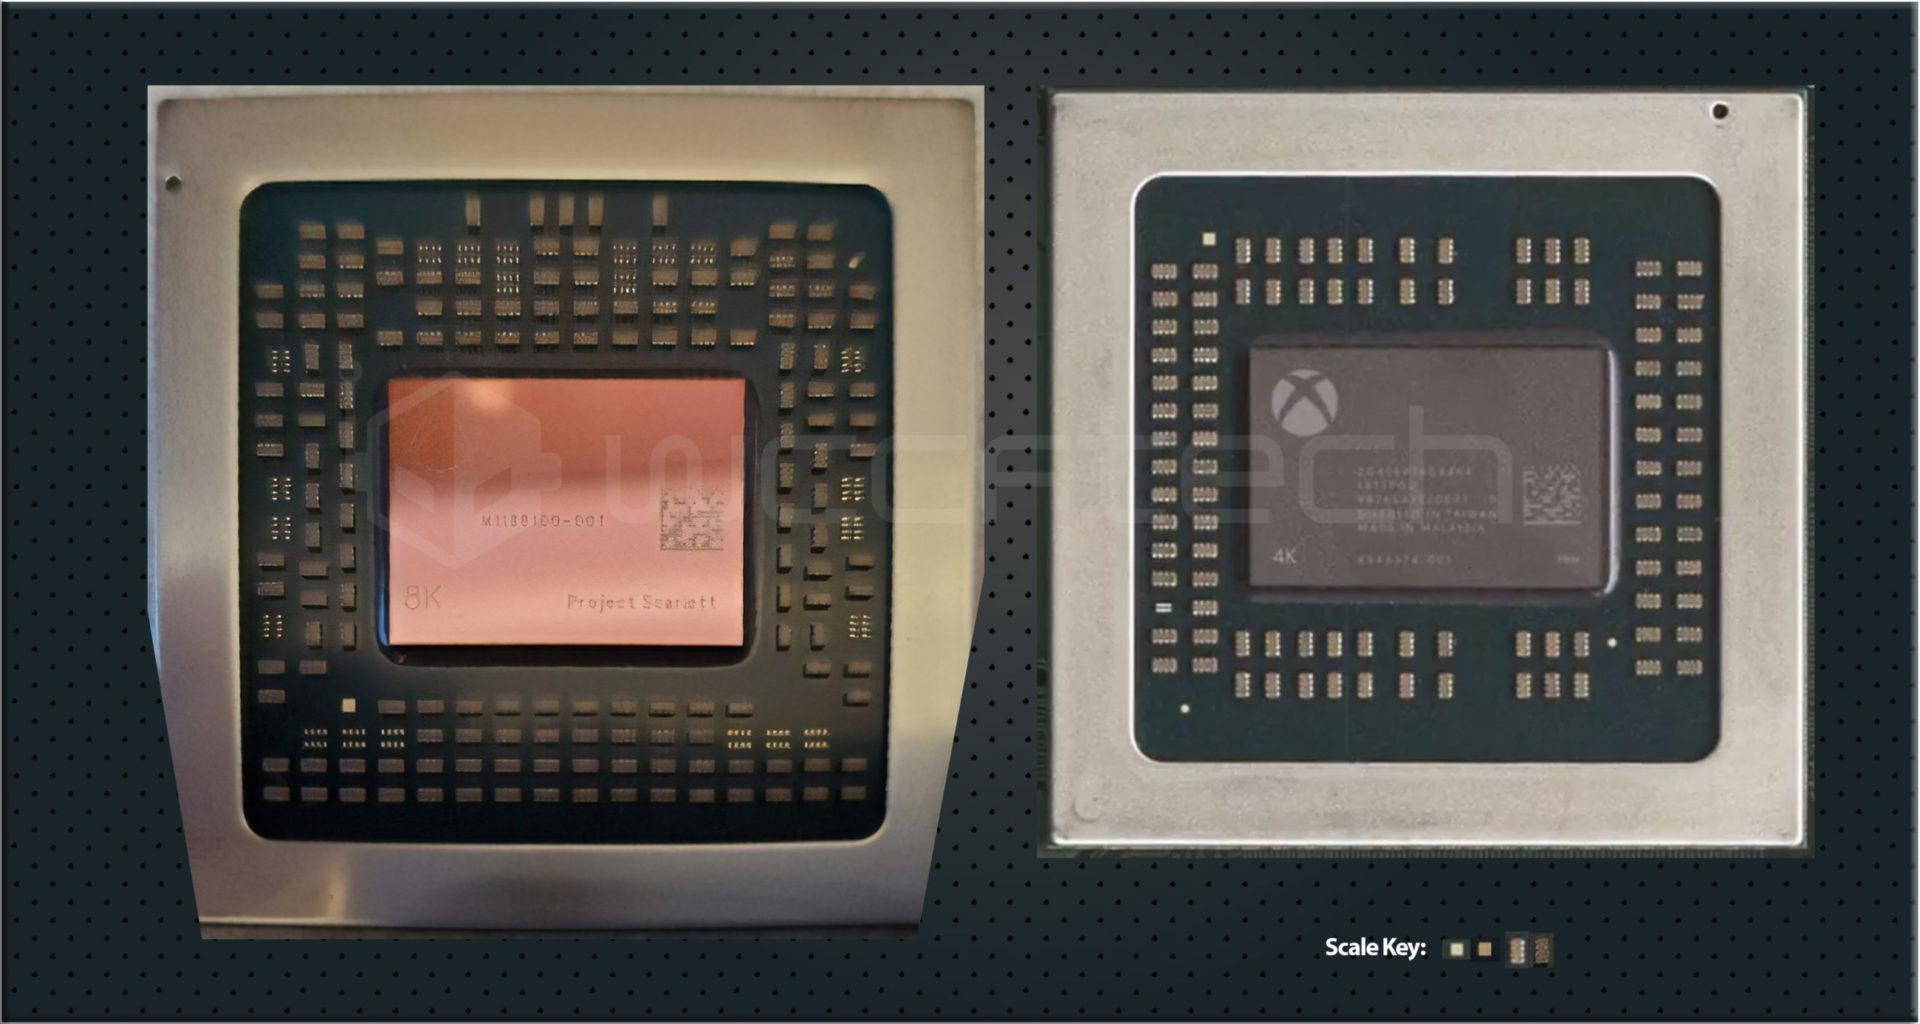 【朗報】XBOXSeriesXのチップ公開、8Kの文字が標準で刻印される